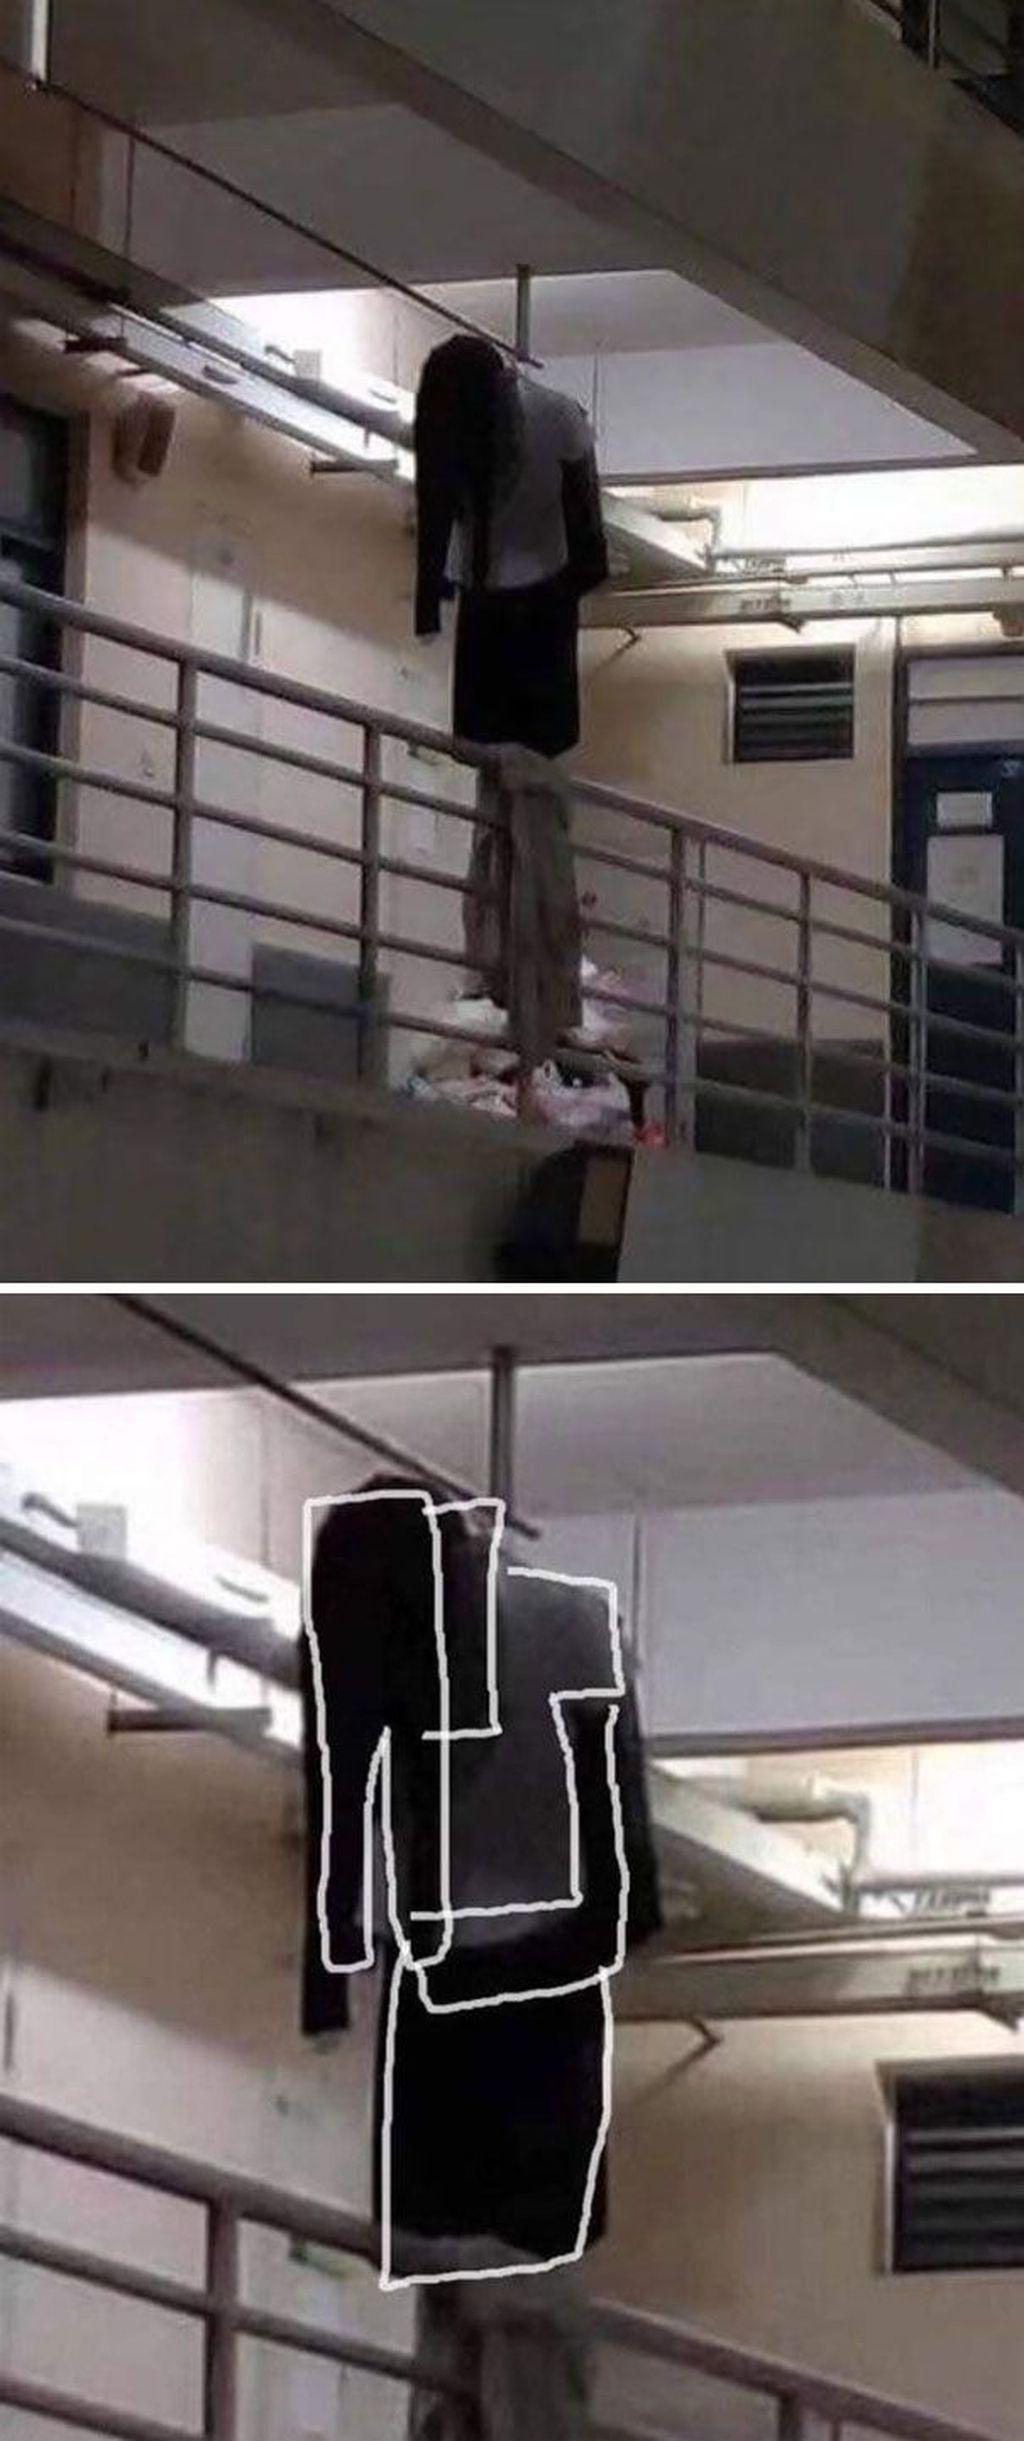 Gambar ini viral di internet, dikira ada yang bunuh diri ternyata hanya sebuah gantungan baju dan celana yang menyerupai tubuh manusia. (Foto: Boredpanda)